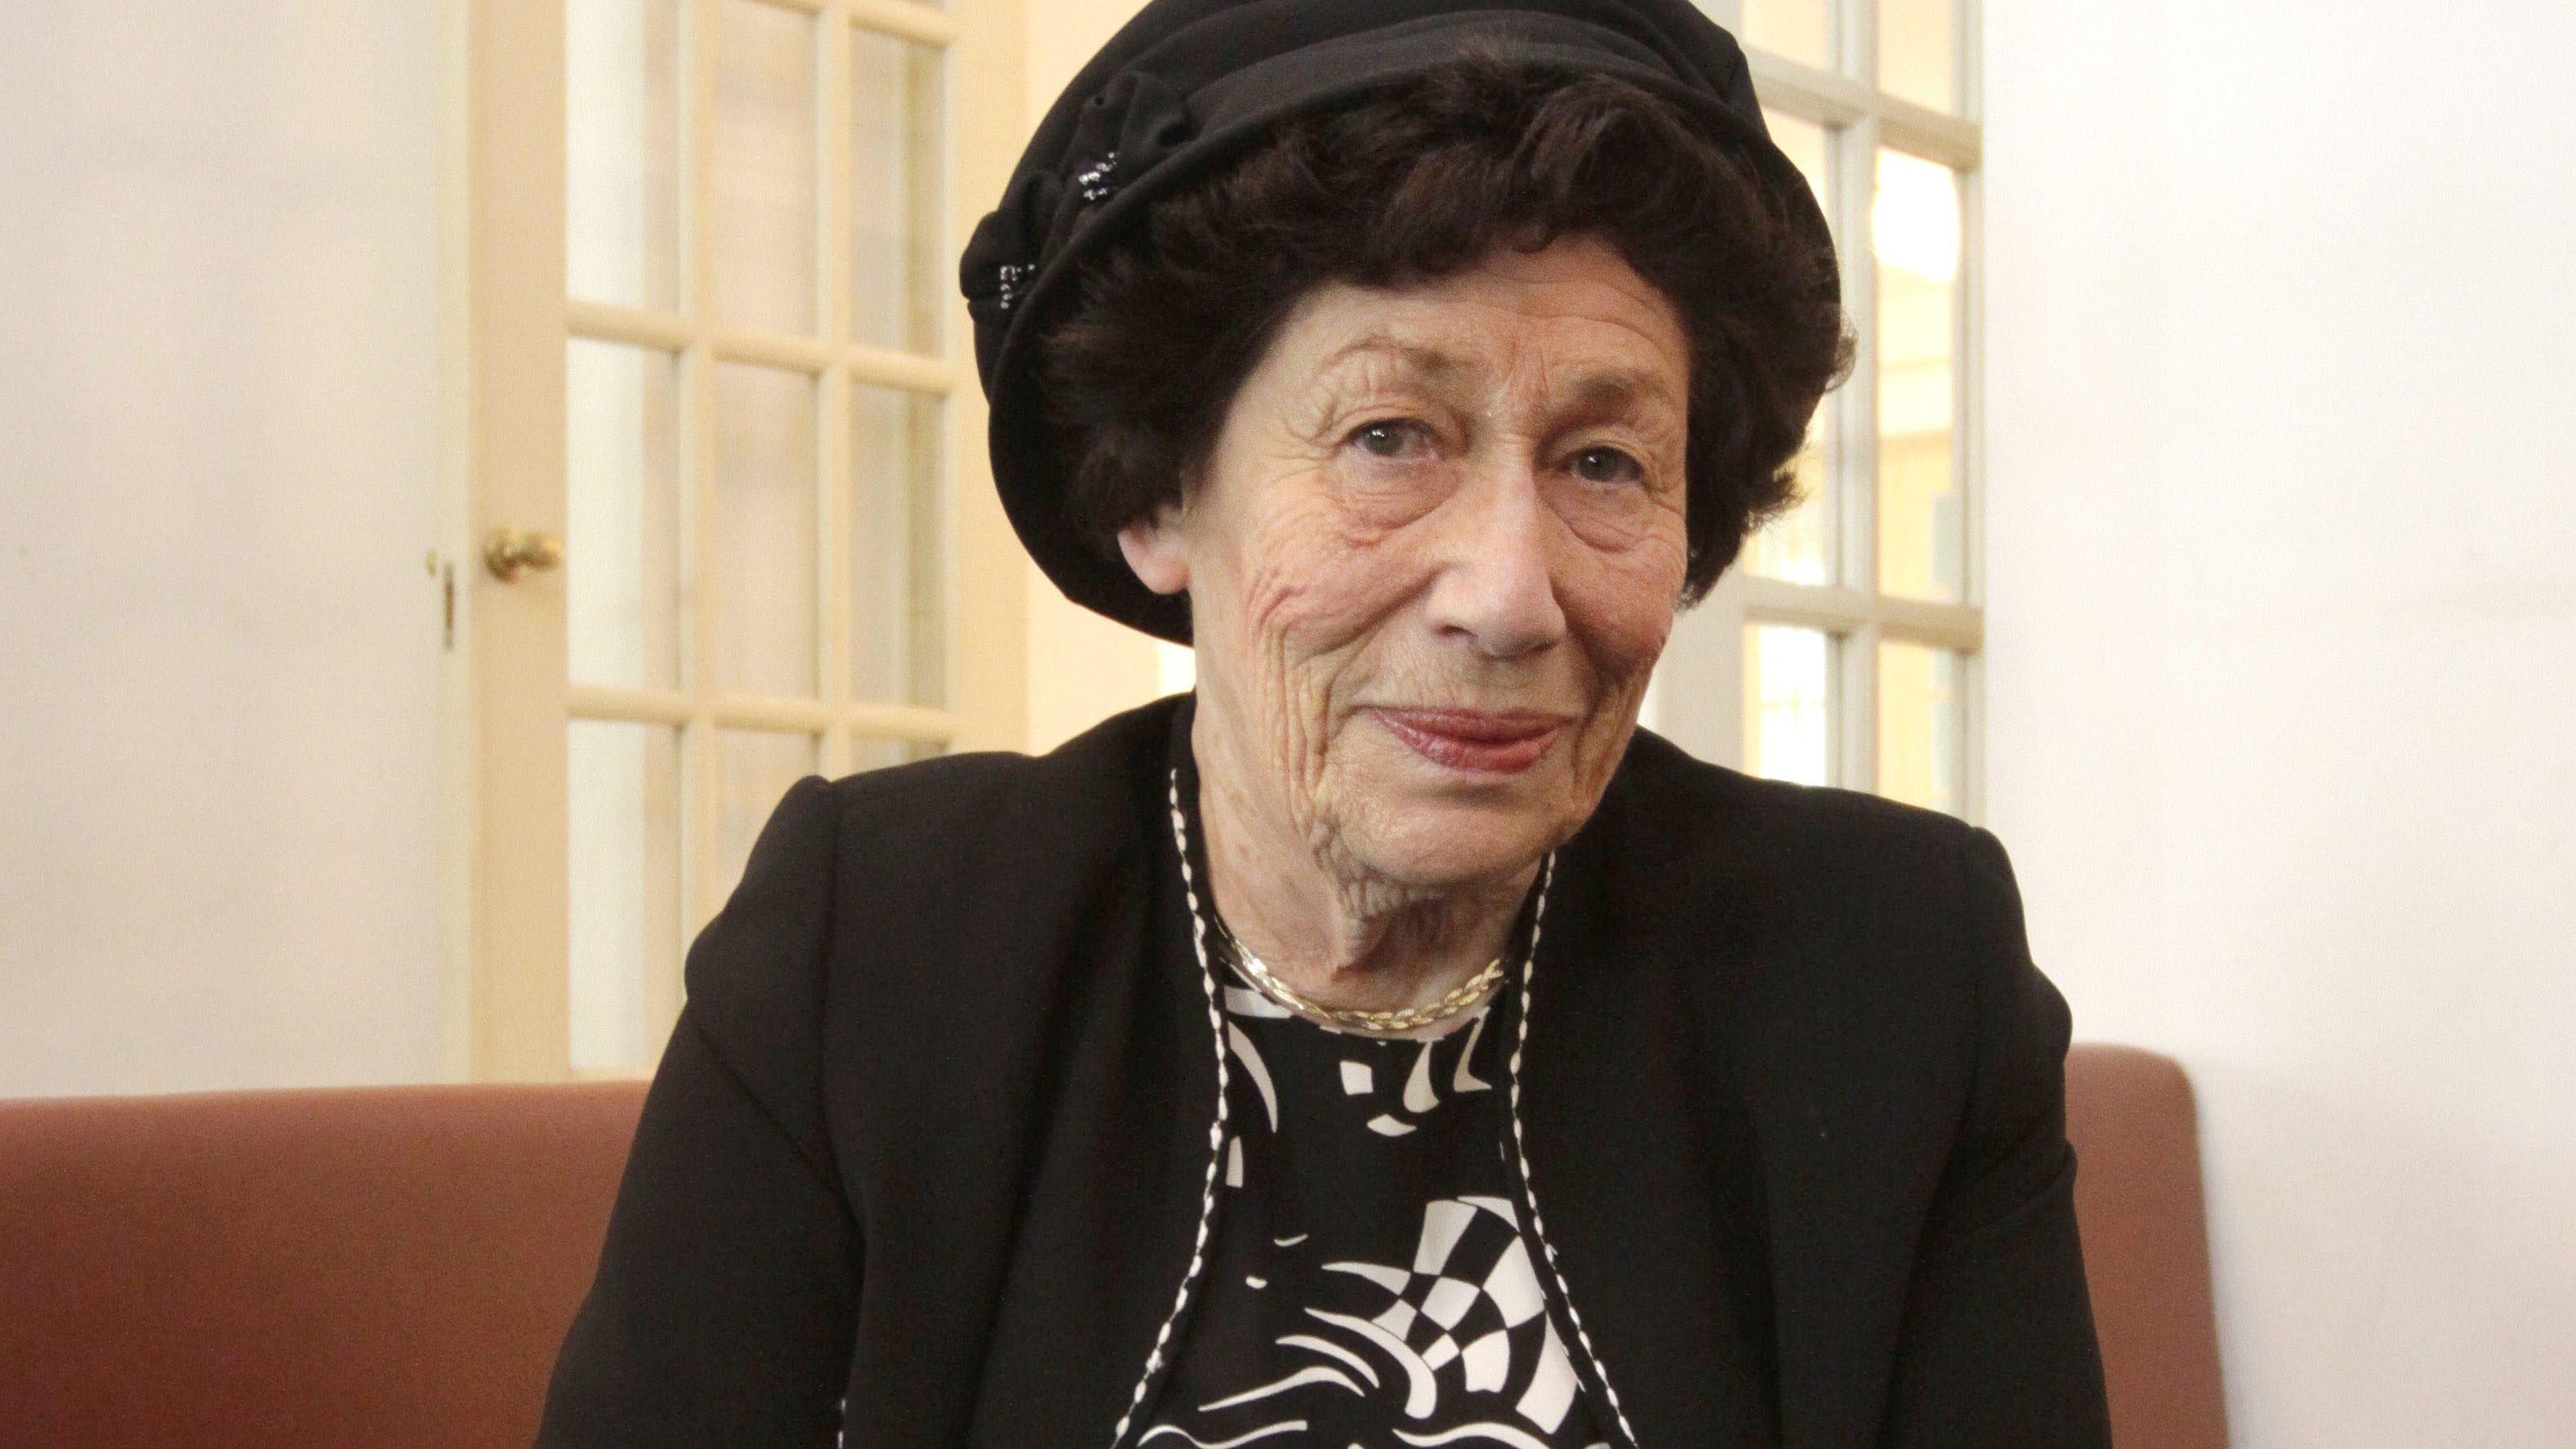 Hannah Goslar wandert später nach Israel aus – wo sie bis heute lebt. Sie ist mittlerweile 90 Jahre alt, hat viele Kinder und Enkelkinder.